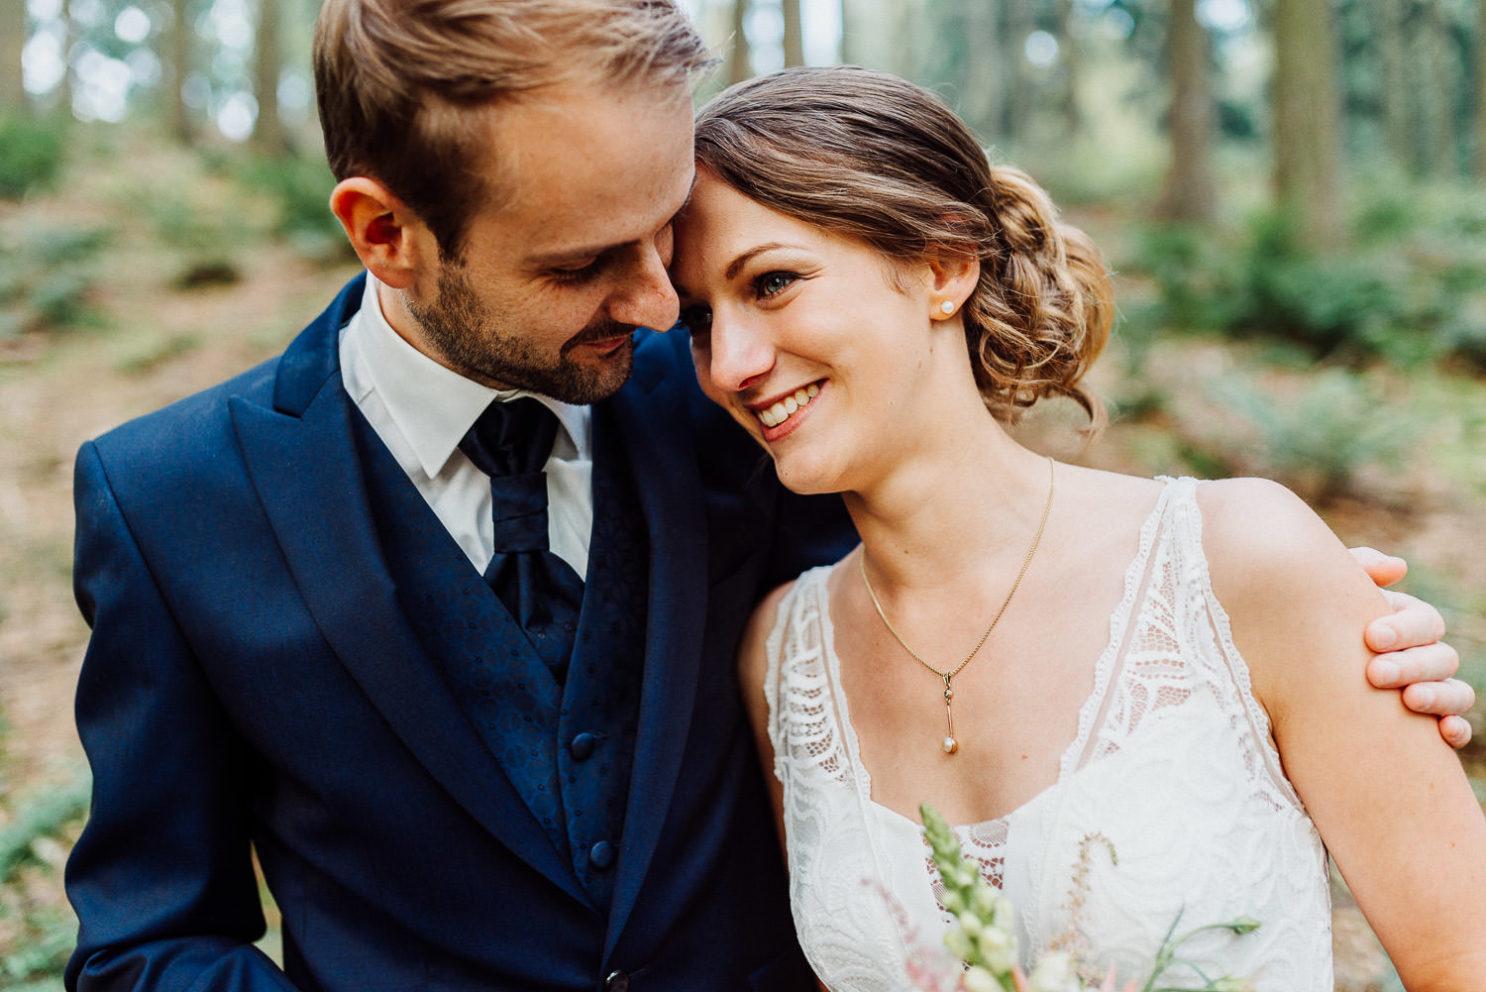 Bräutigam nimmt Braut in den Arm